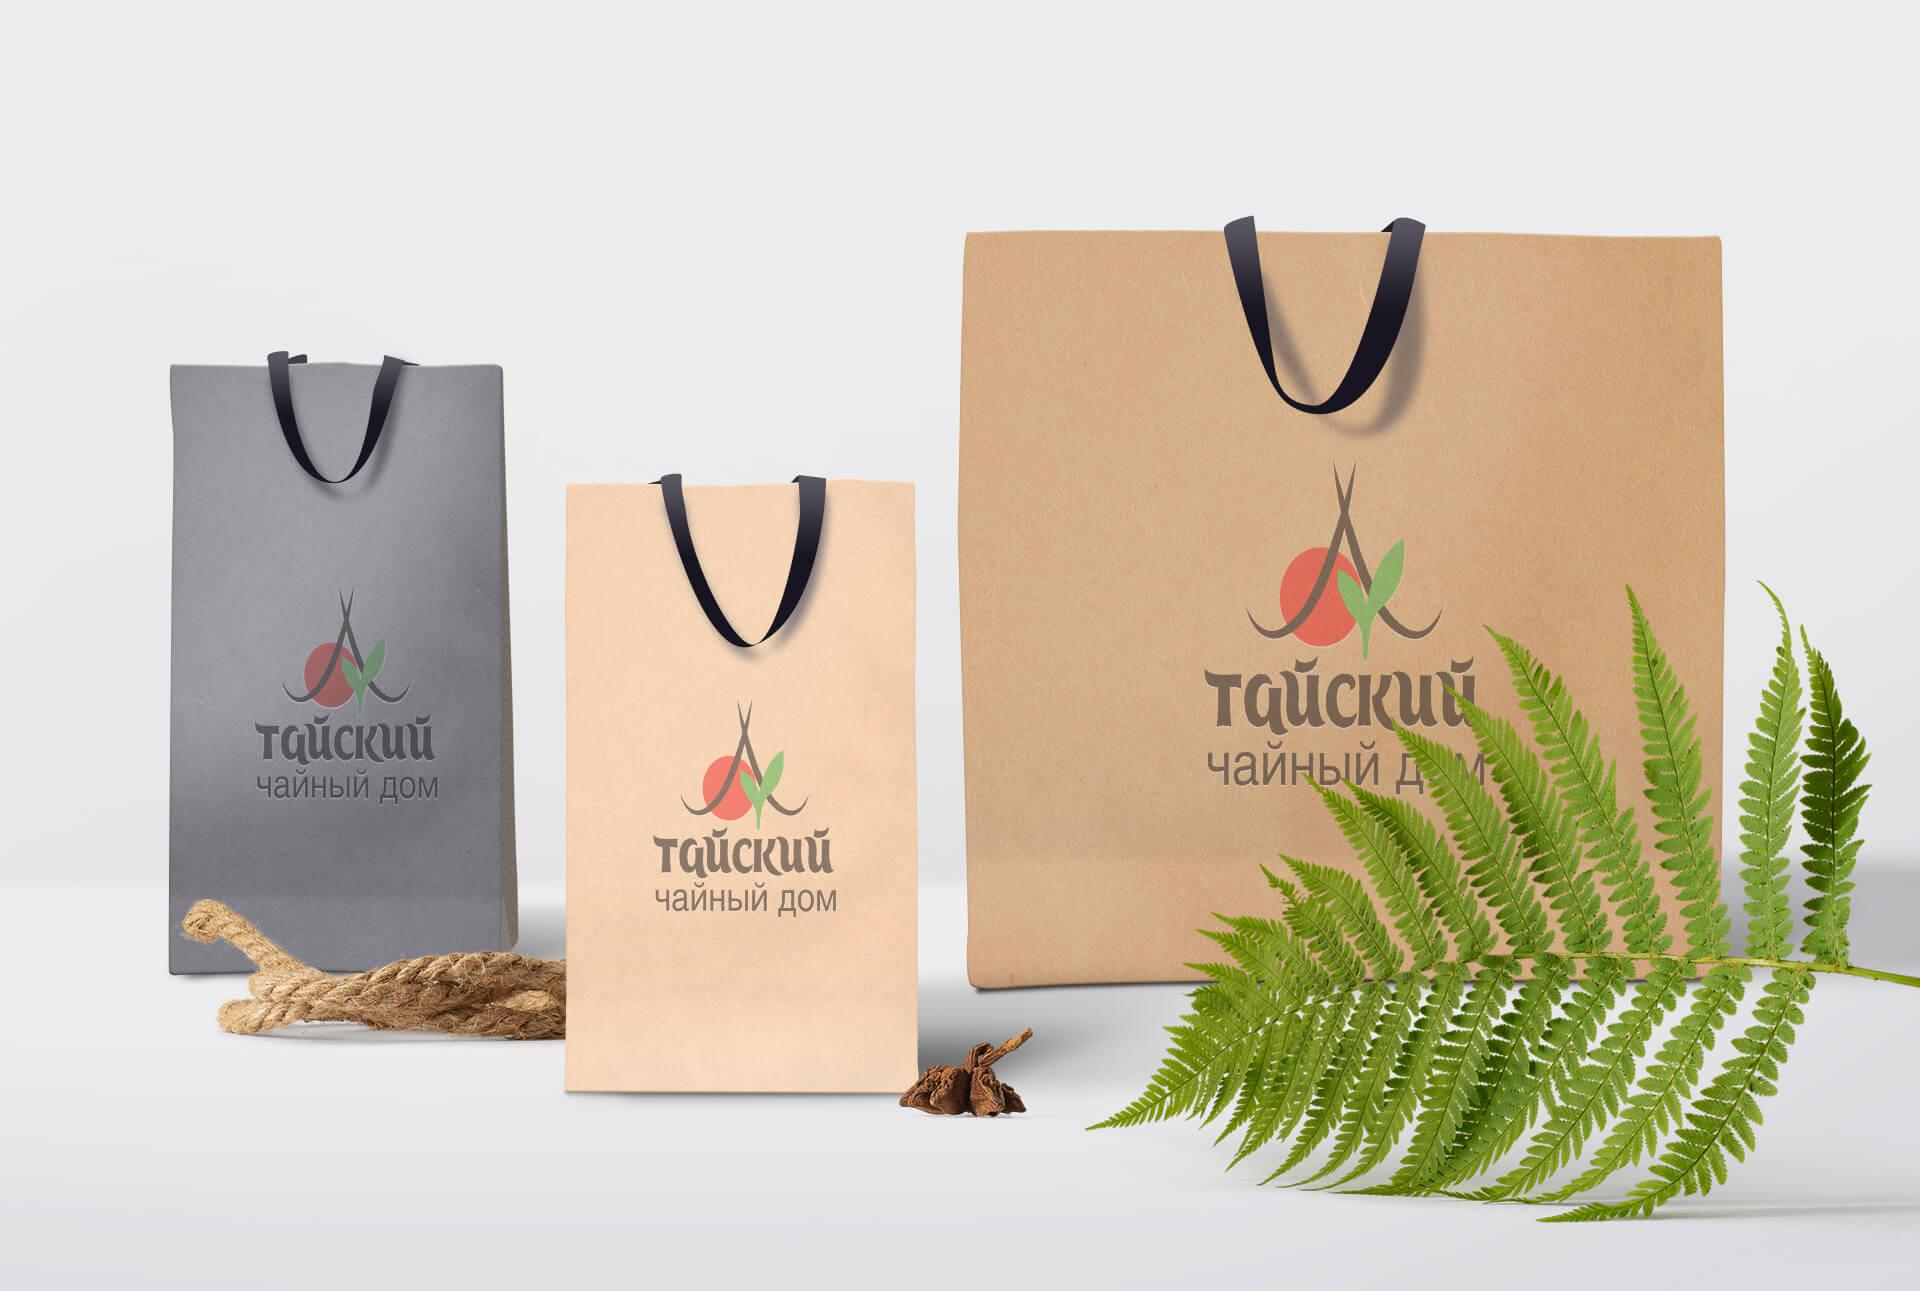 Тайский Чайный Дом, брендинг 6